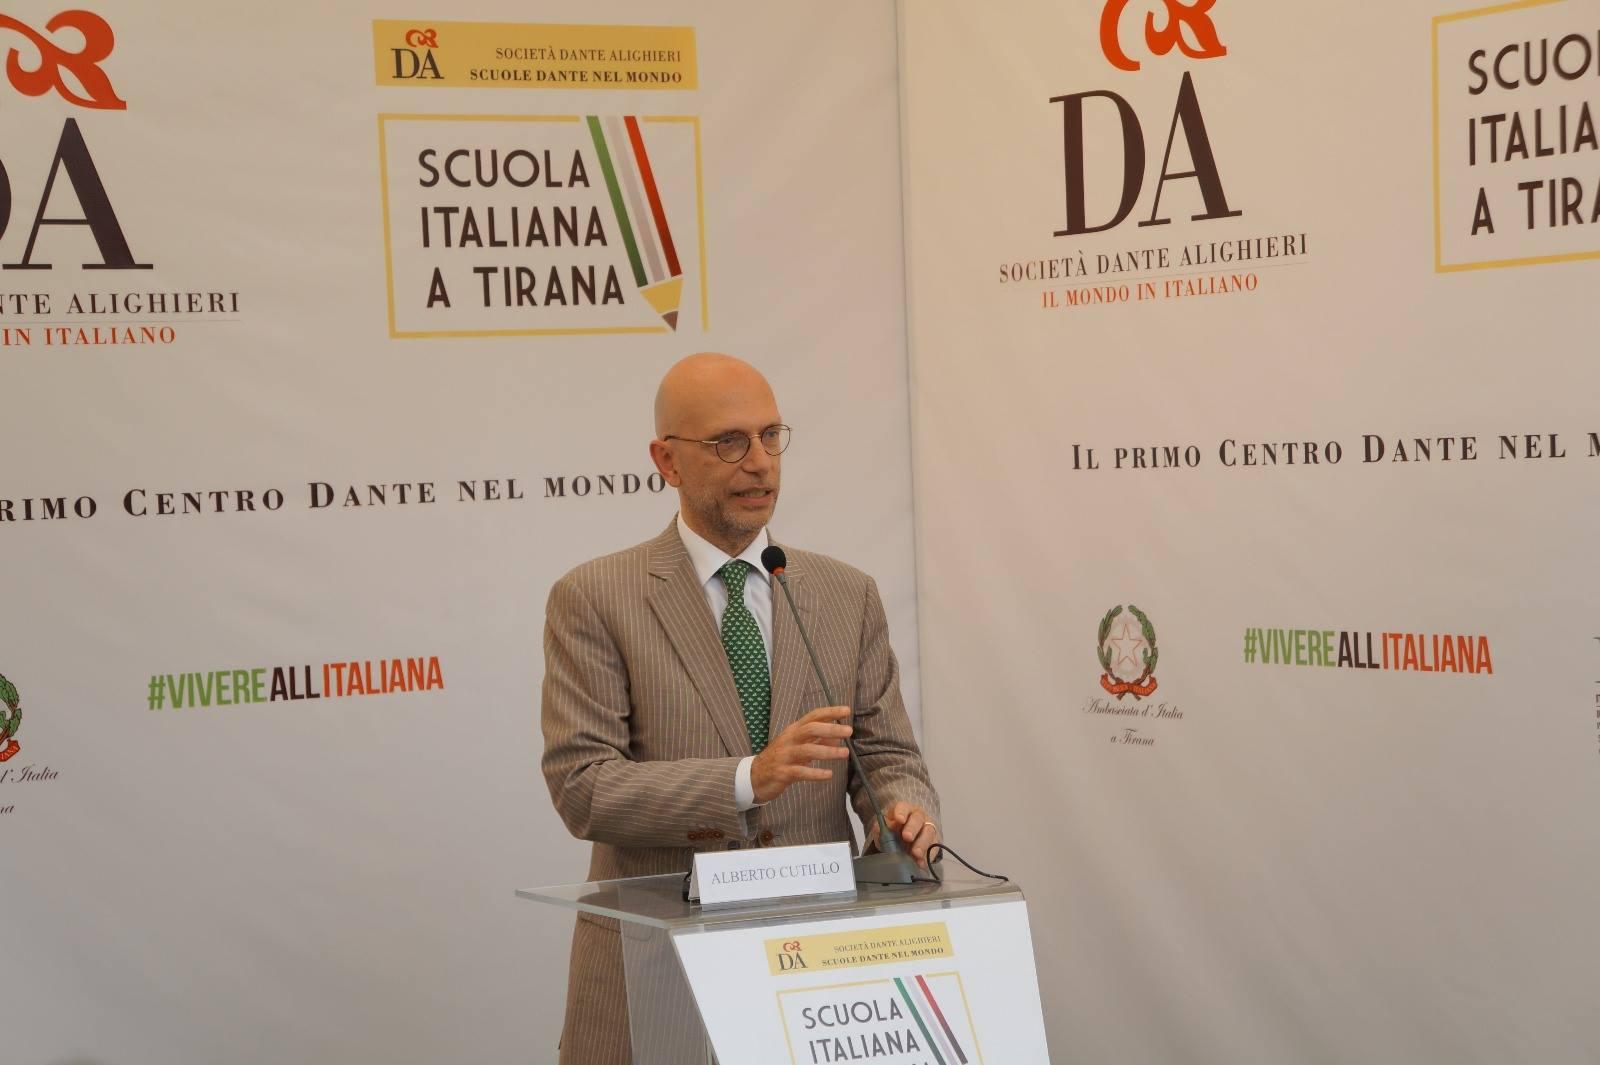 Ambasciatore italiano a Tirana Alberto Cutillo